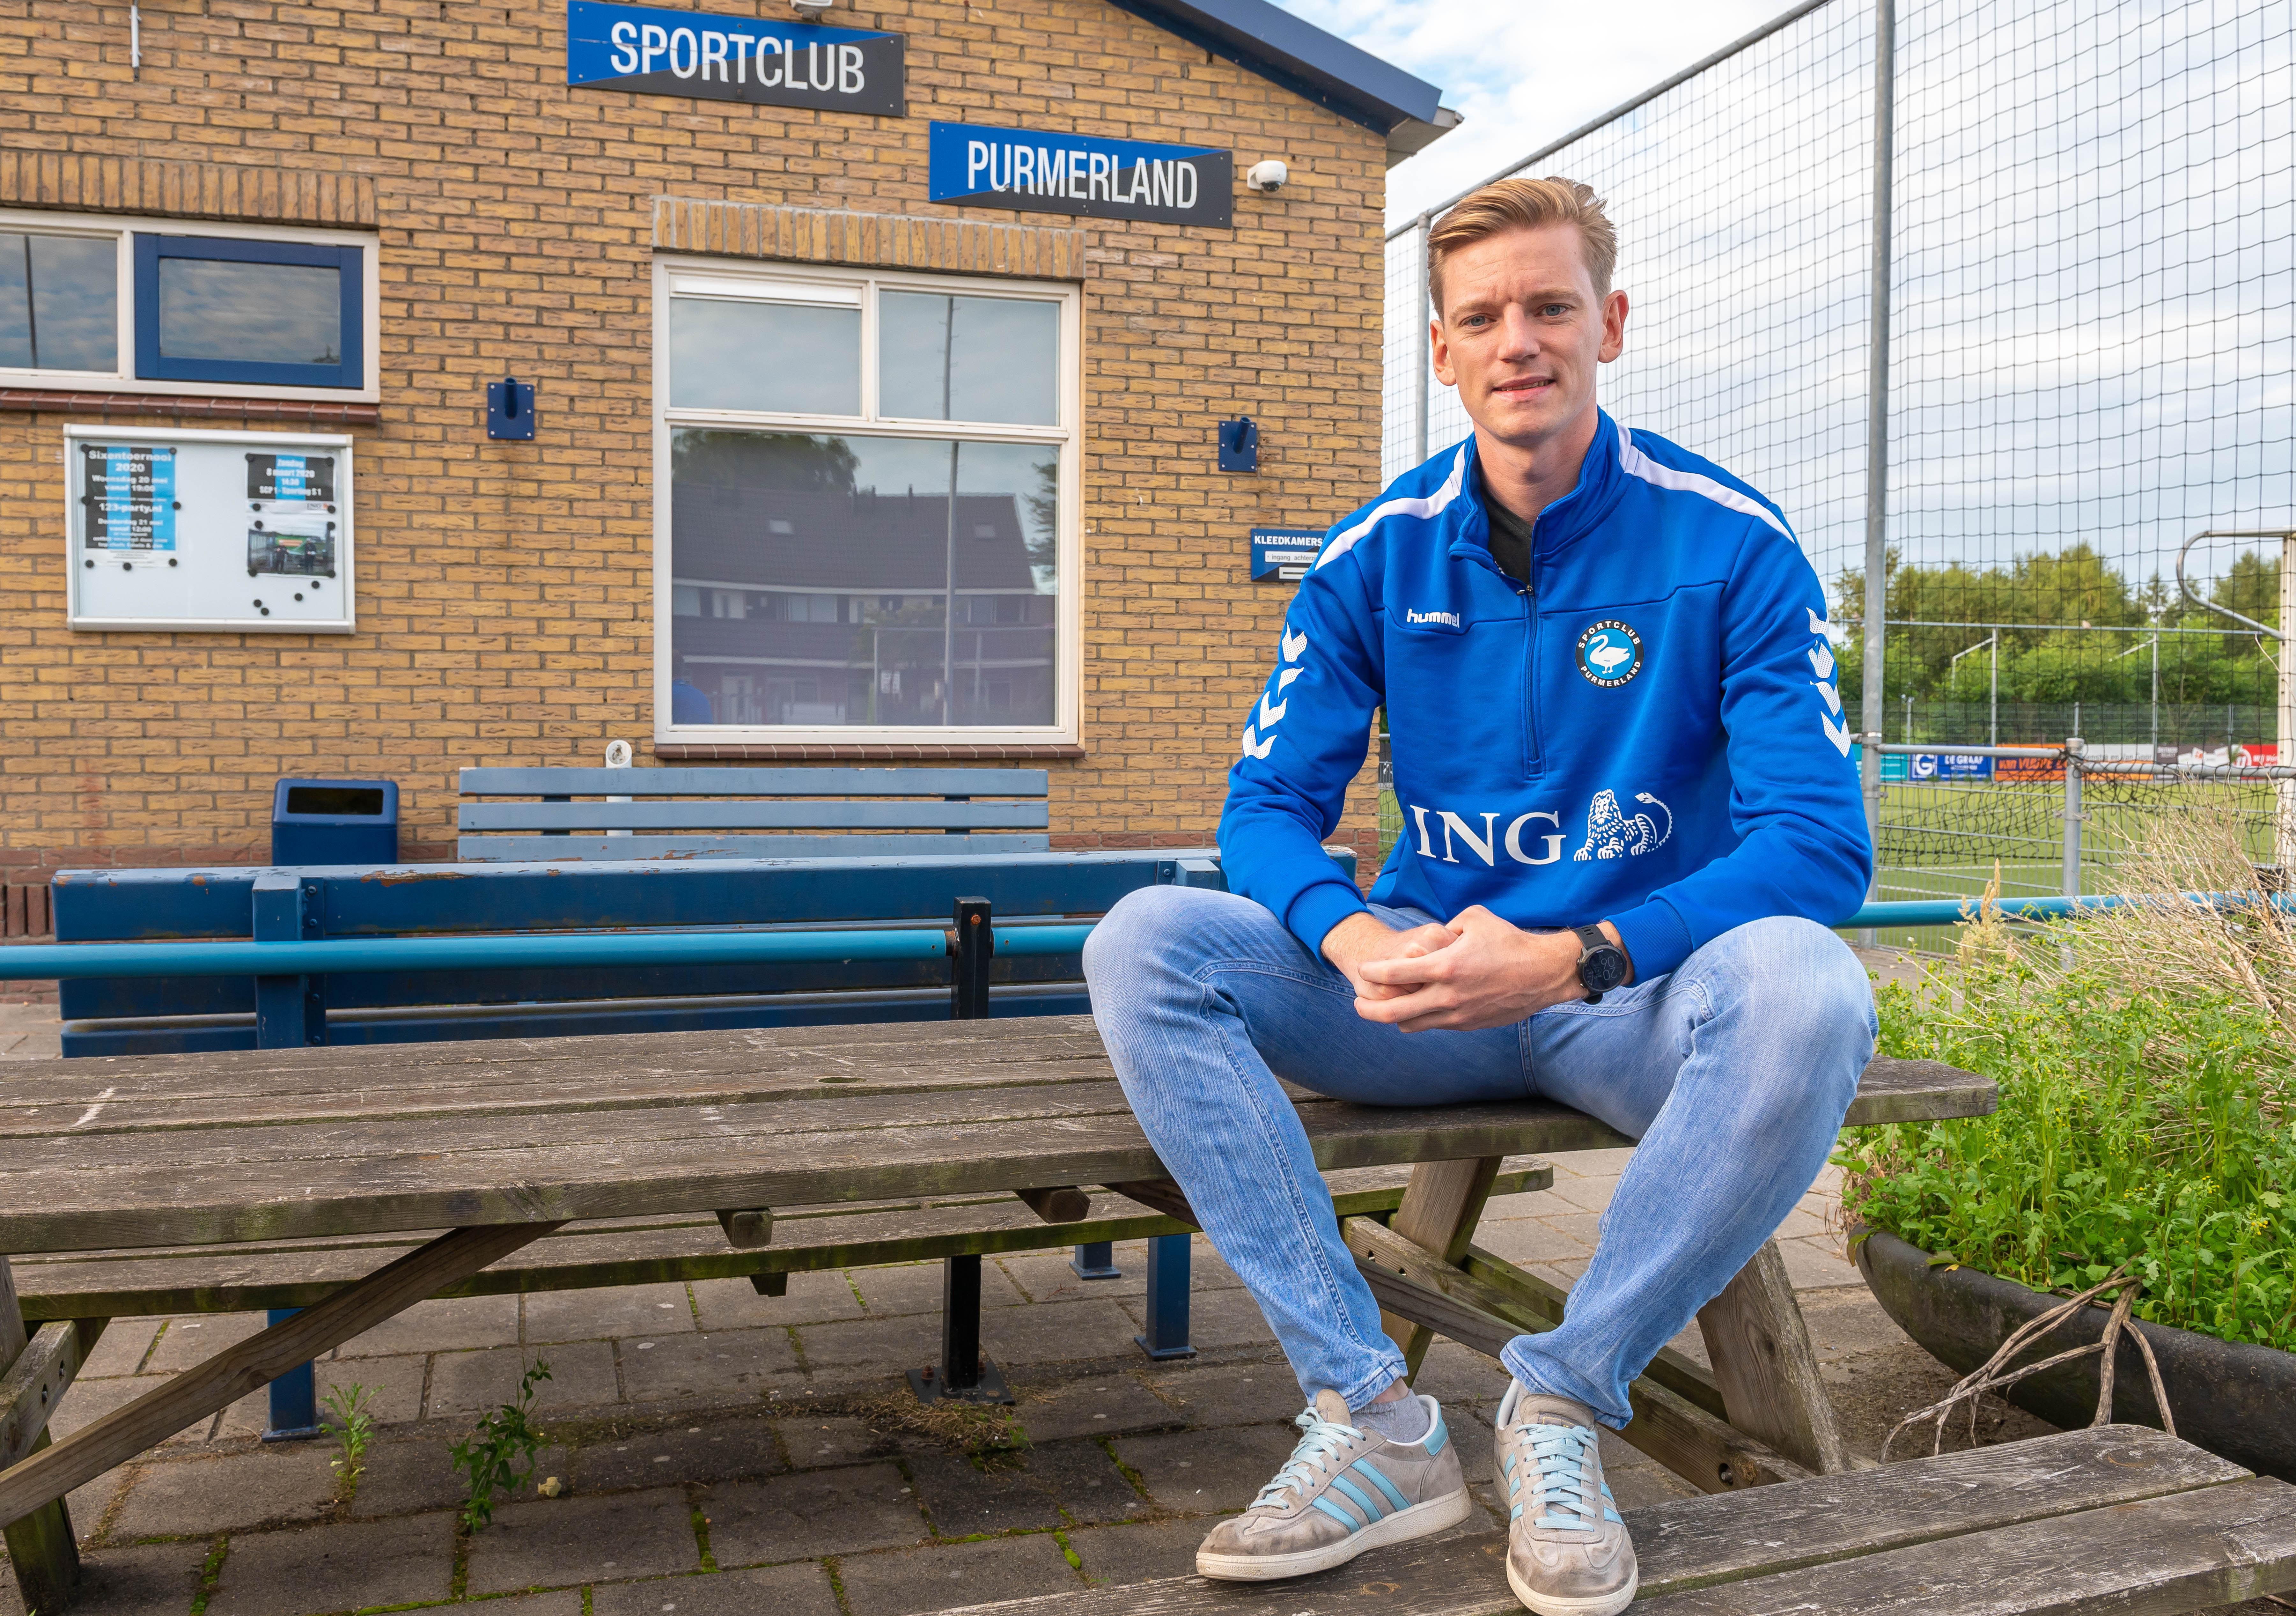 Belgische voetballer Martijn Vranken na wereldreis neergestreken bij Purmerland: 'In Noord-Holland is er een andere mentaliteit, mensen zijn wat harder'